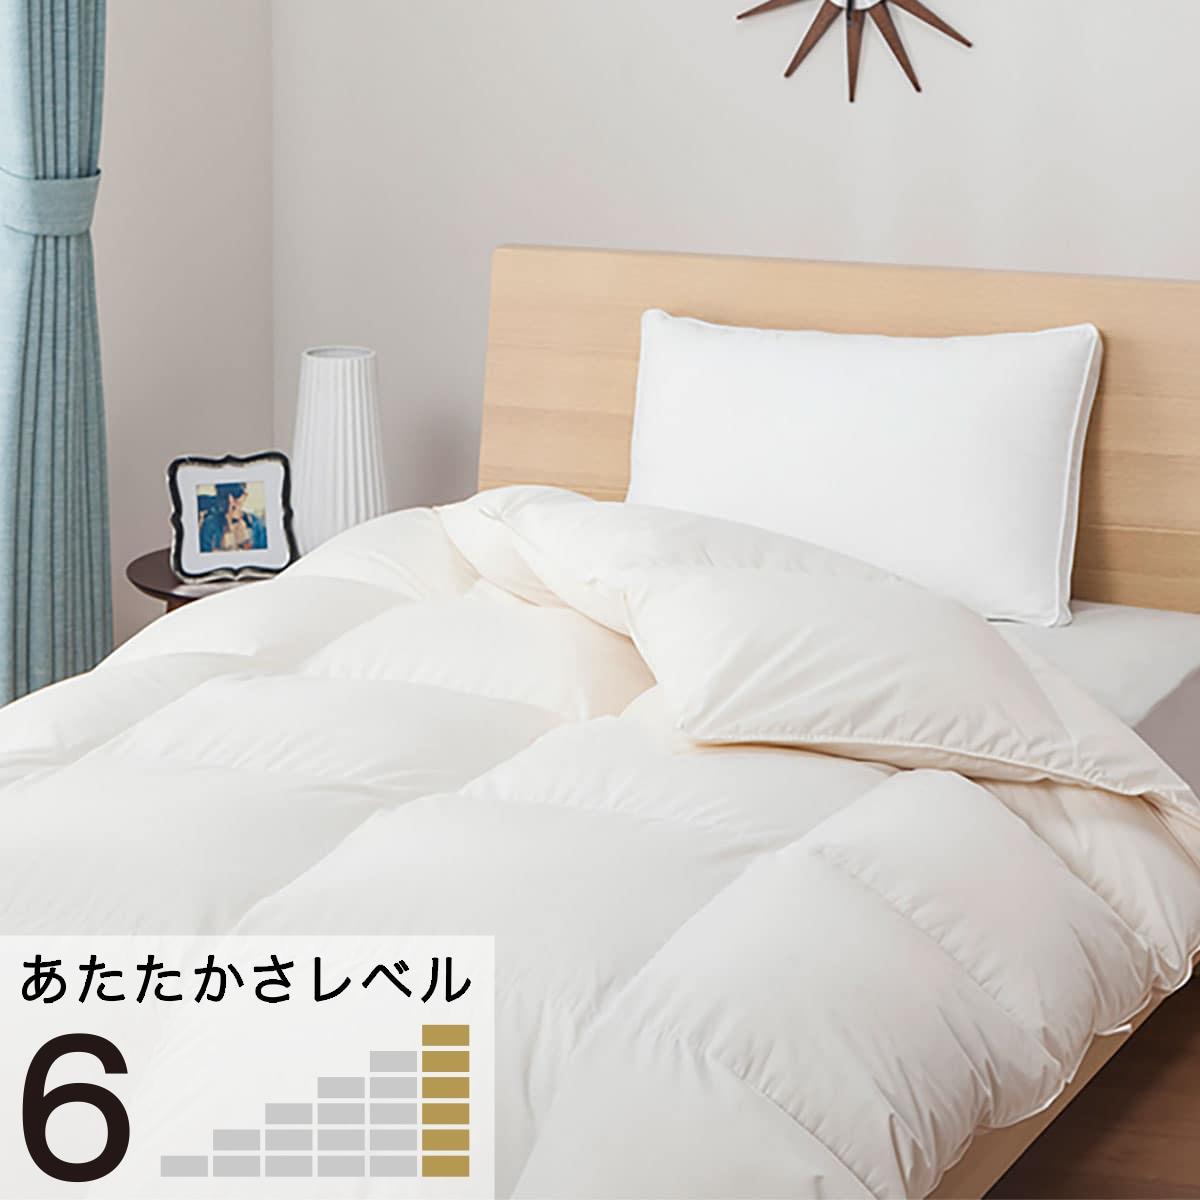 日本で充填 縫製をしているので ふっくらした仕上がりになっています ホワイトダックダウン93%羽毛布団 ムーンシャンテン3 玄関先迄納品 ニトリ 限定モデル 全店販売中 シングル 1年保証 送料無料